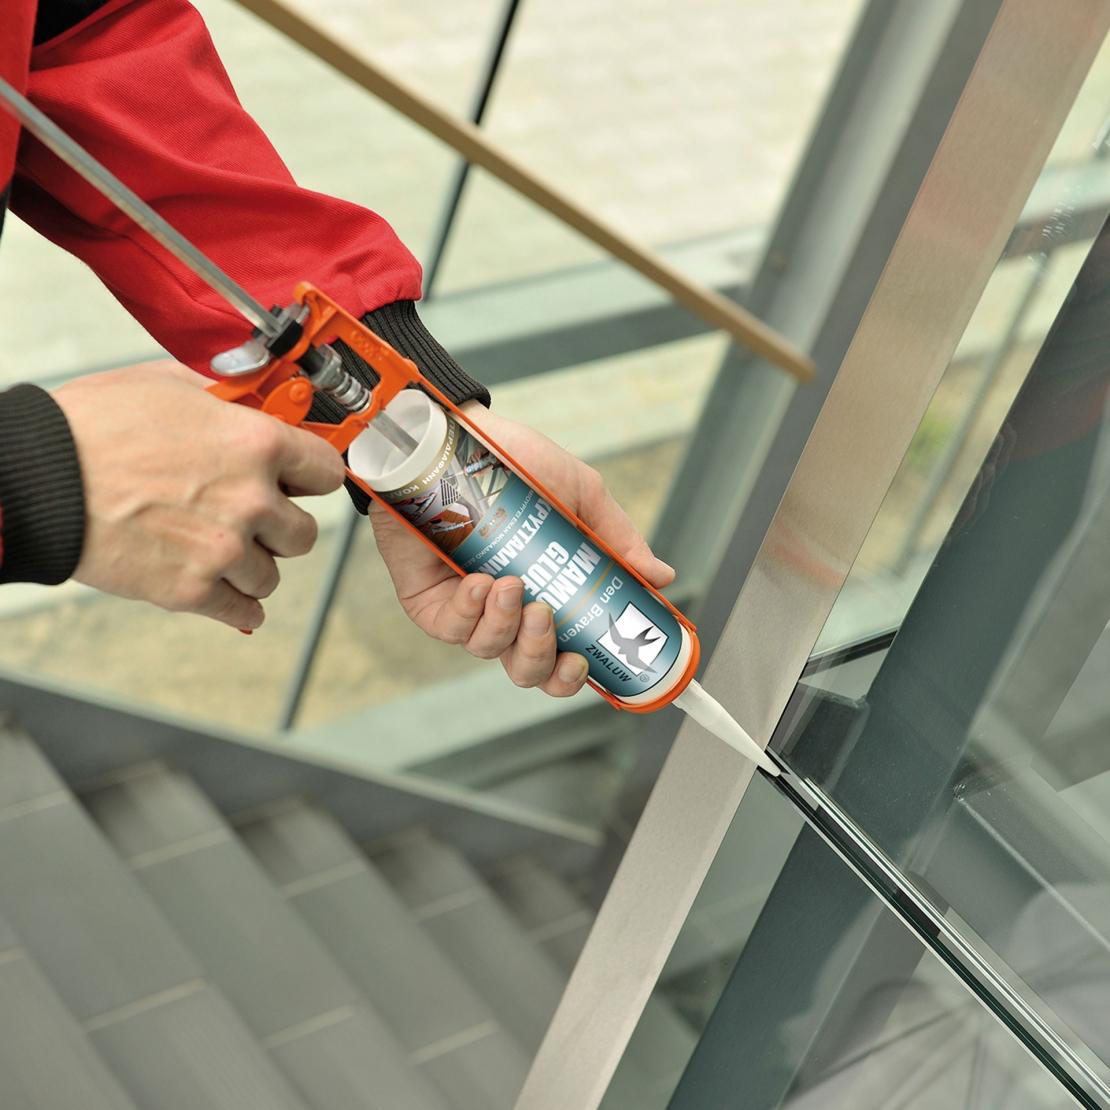 Bostik DIY Greece Mamut Glue Crystal Application 3